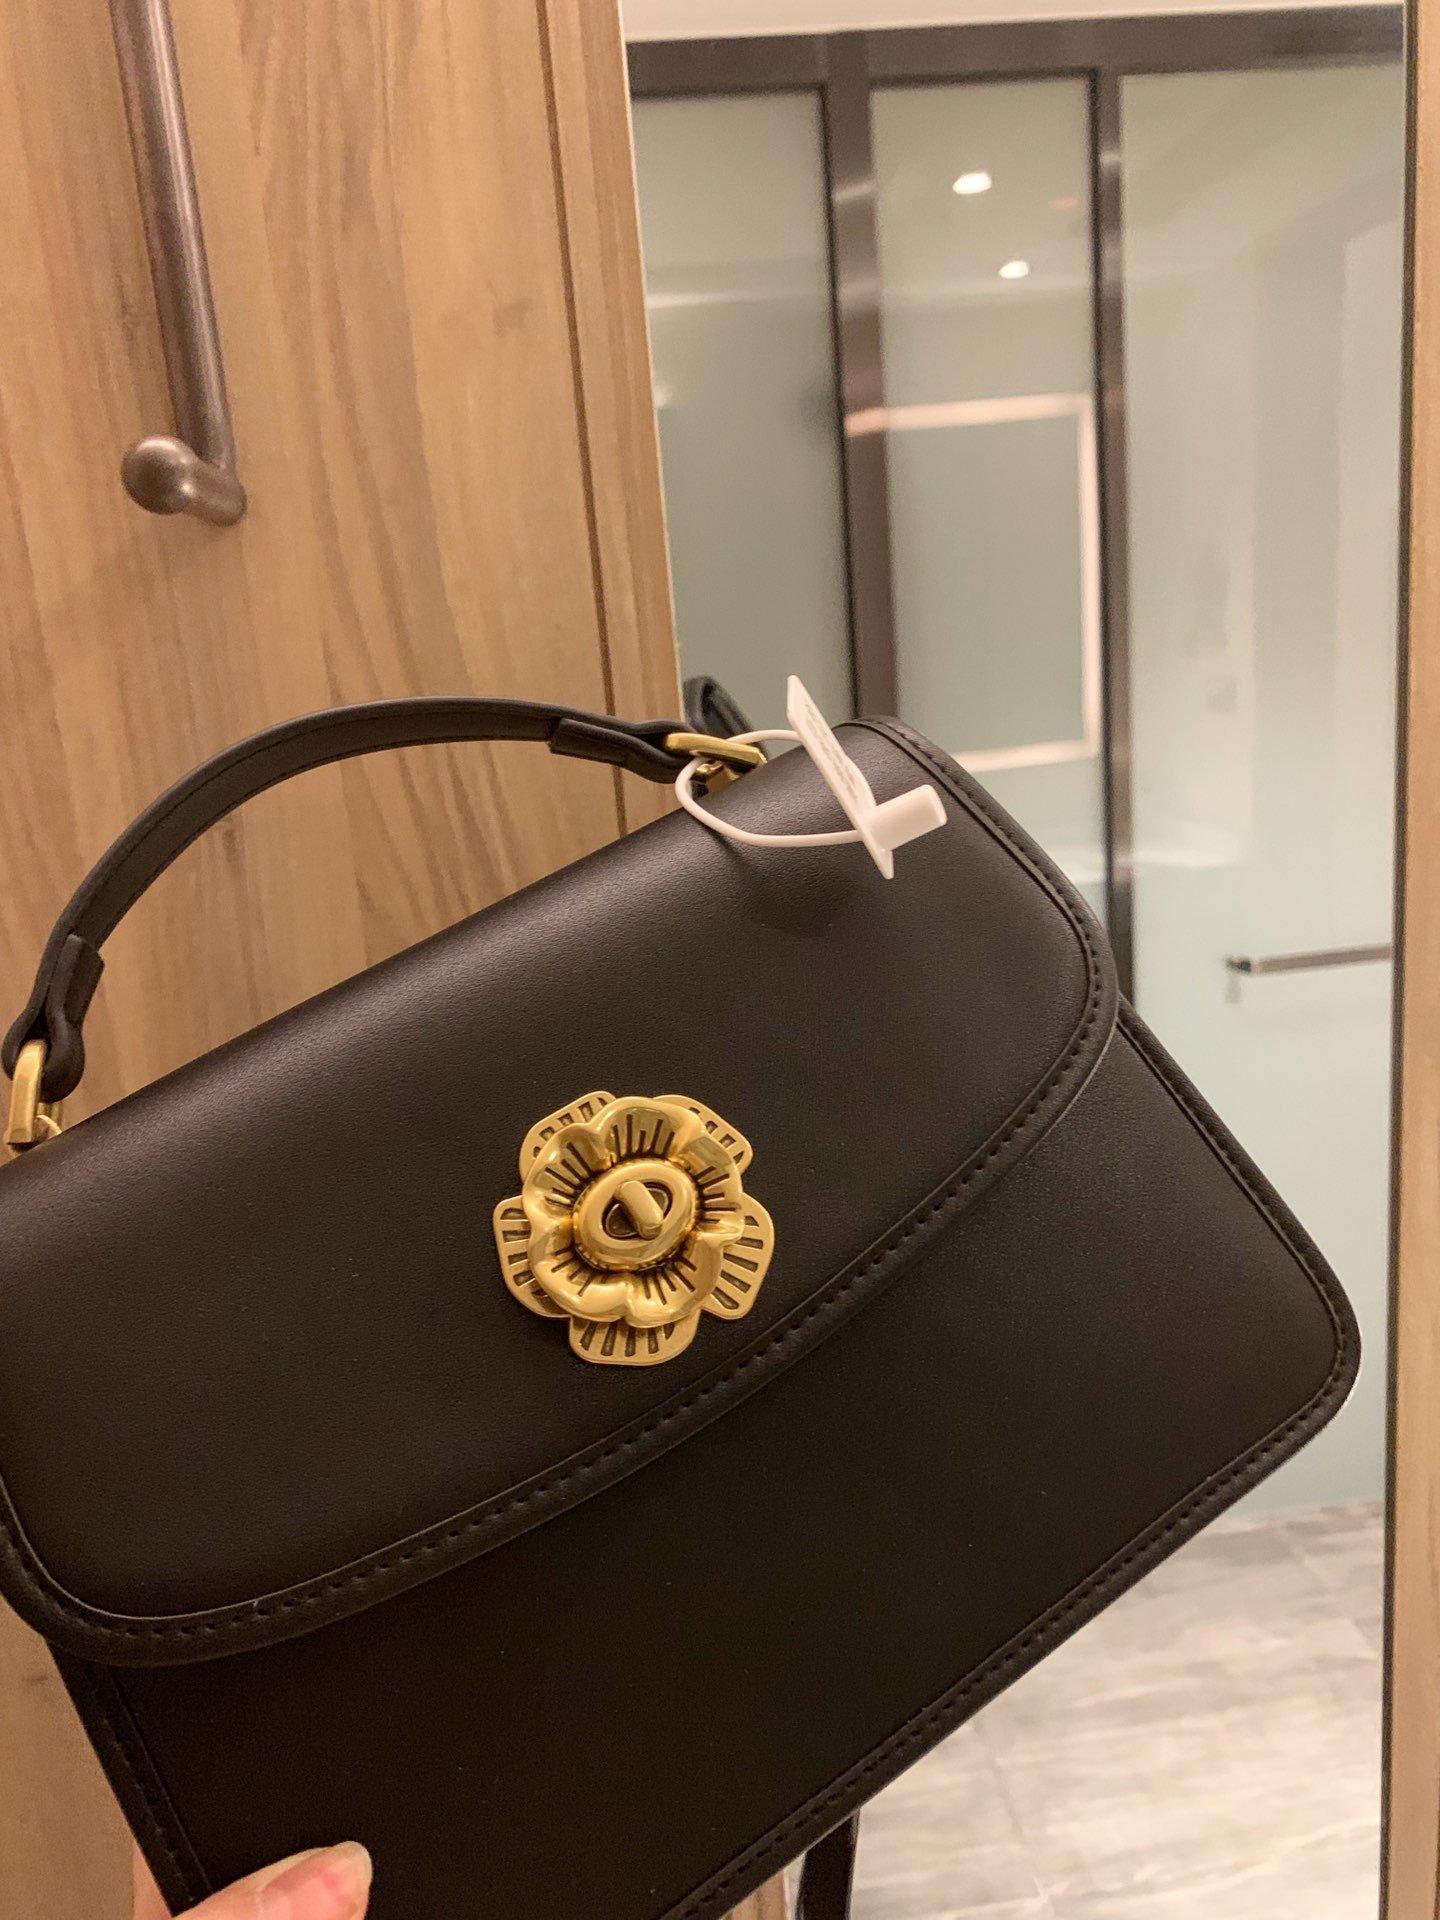 il sacchetto delle donne borsa di stile di tendenza di modo classico di alta qualità portatile di capacità elevata spalla obliqua 1ROJ GFRU 0G6K